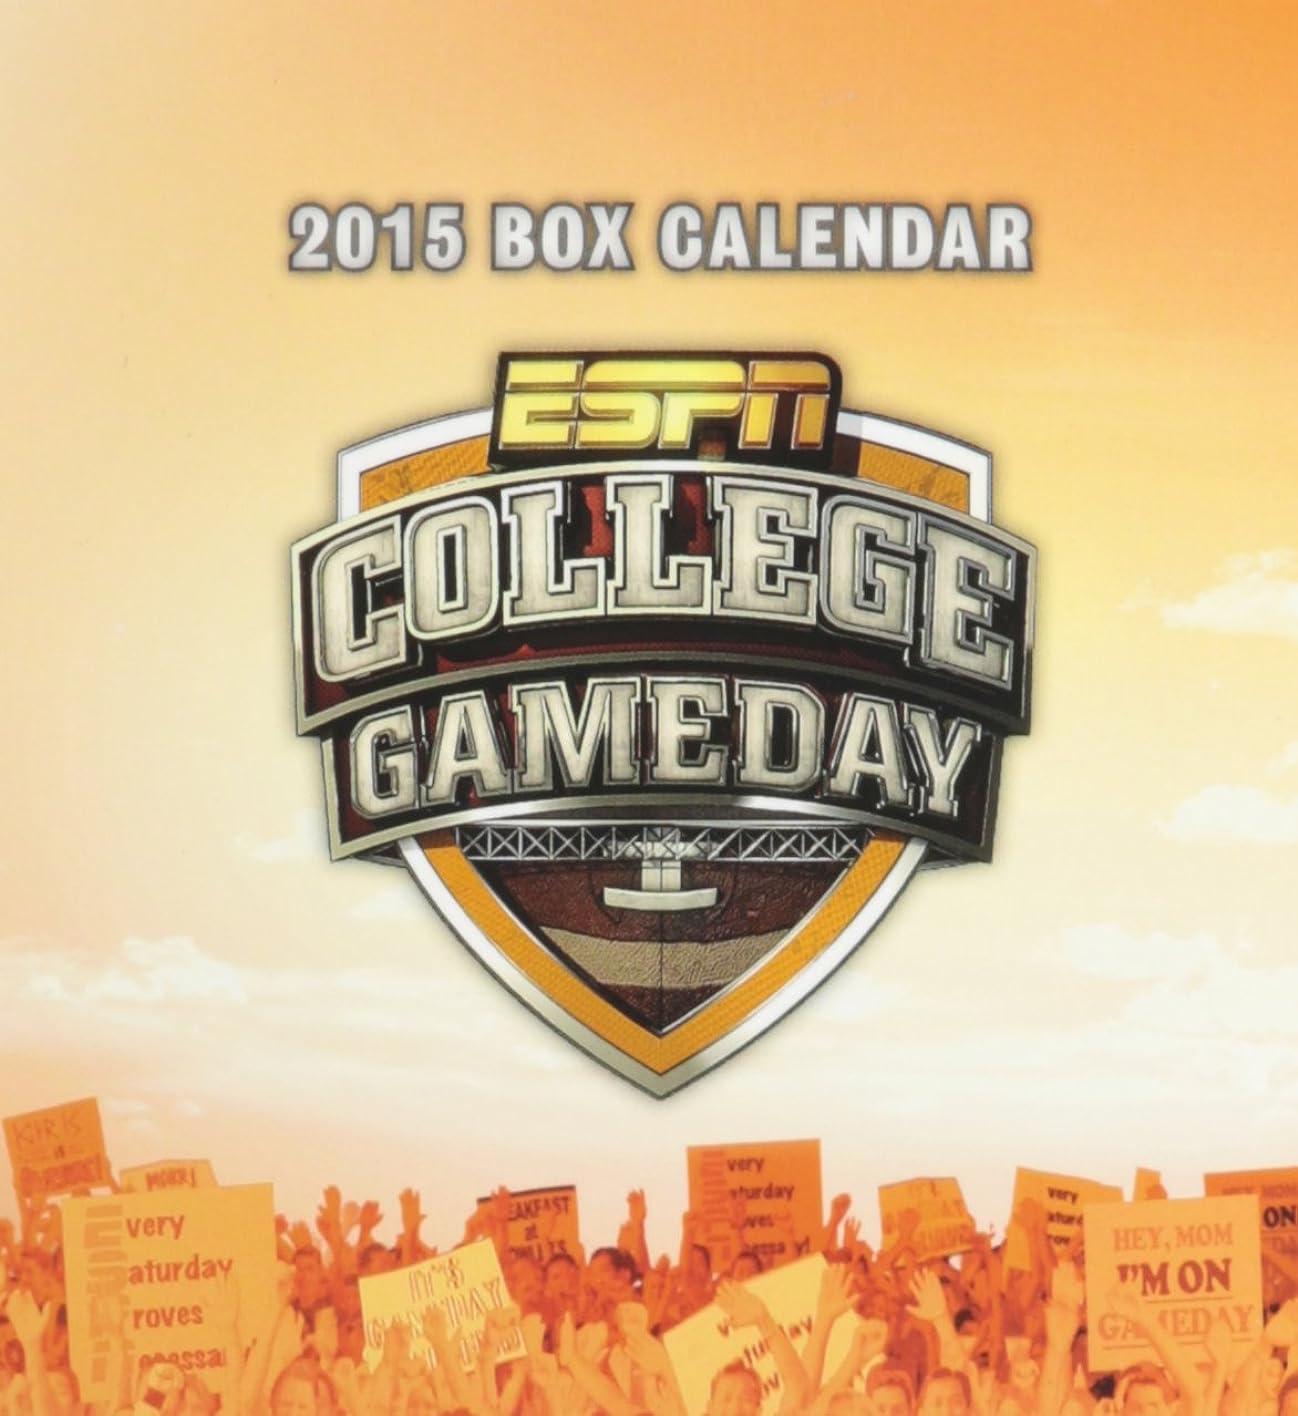 サスペンション間違い影響を受けやすいですESPN College Gameday 2015 Calendar